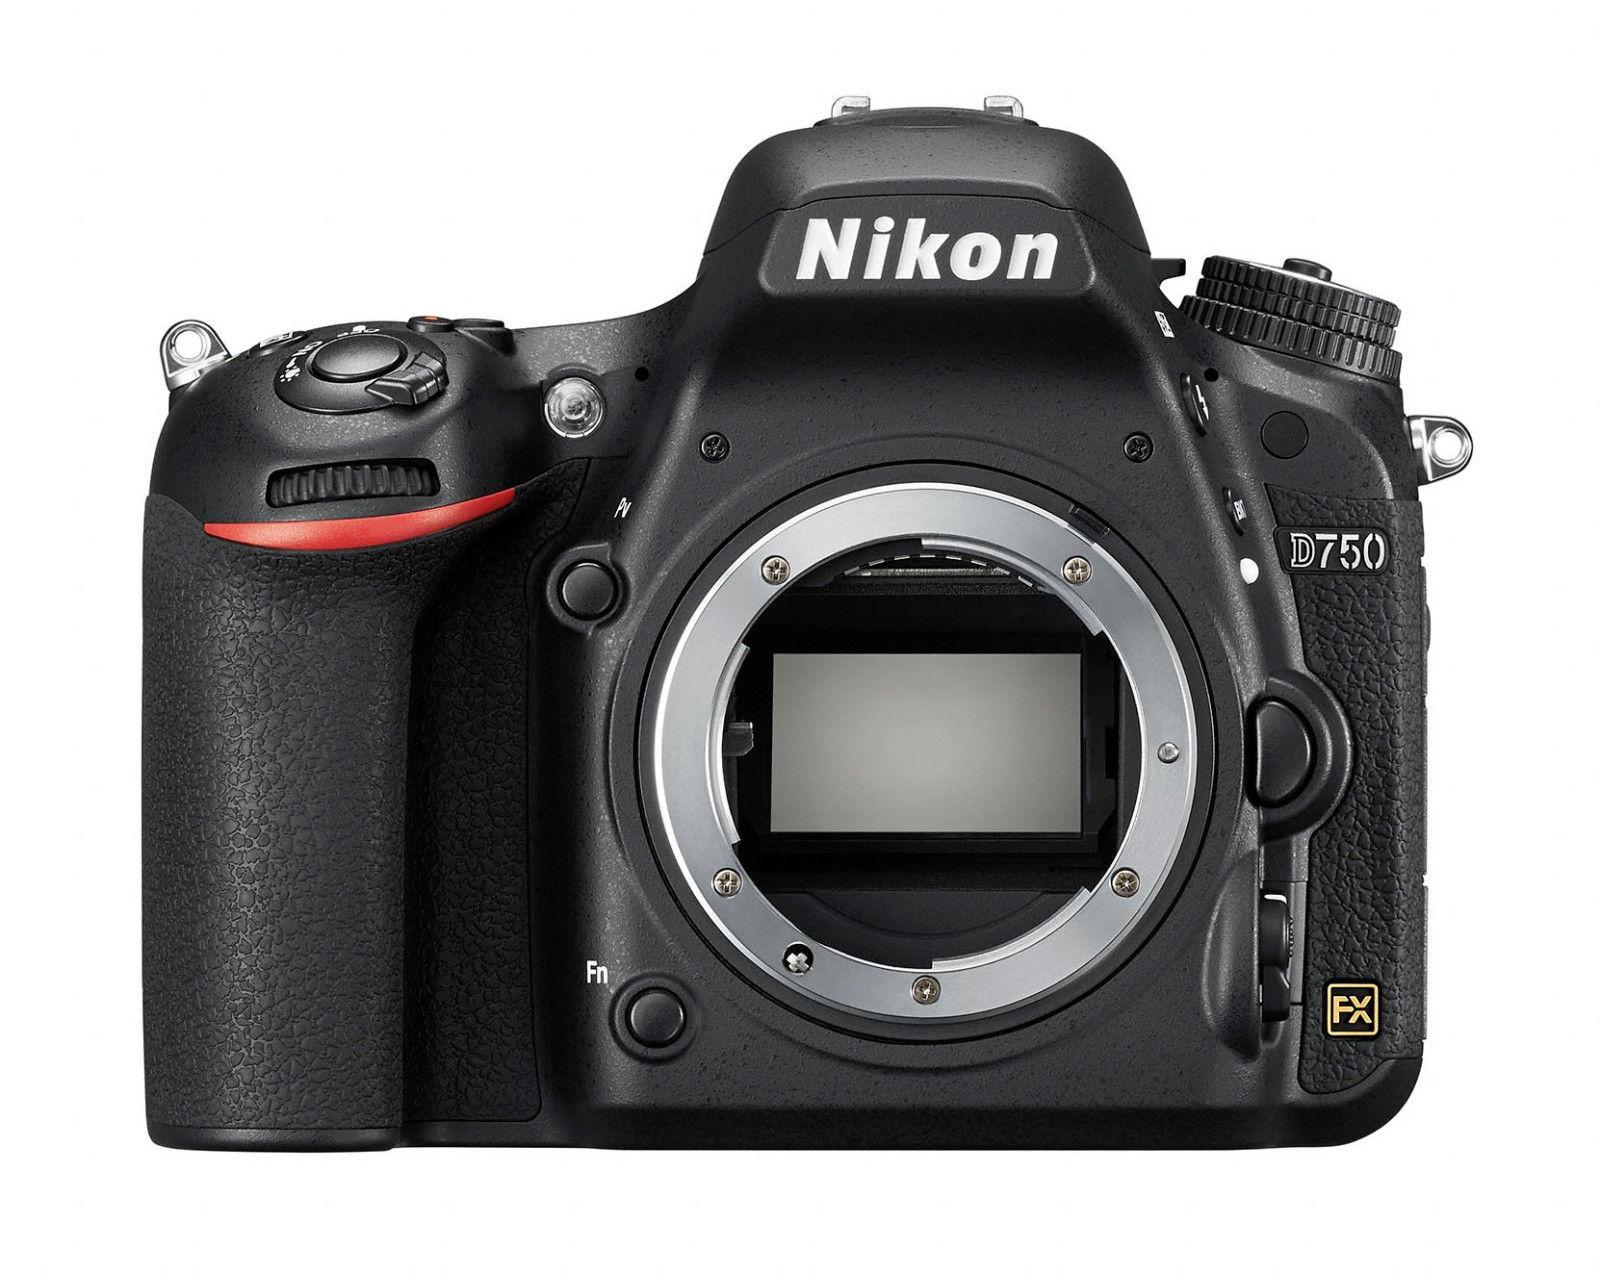 Spiegelreflexkamera Nikon D750 (24.3 MP) DSLR, GEHÄUSE, GEBRAUCHTWARE